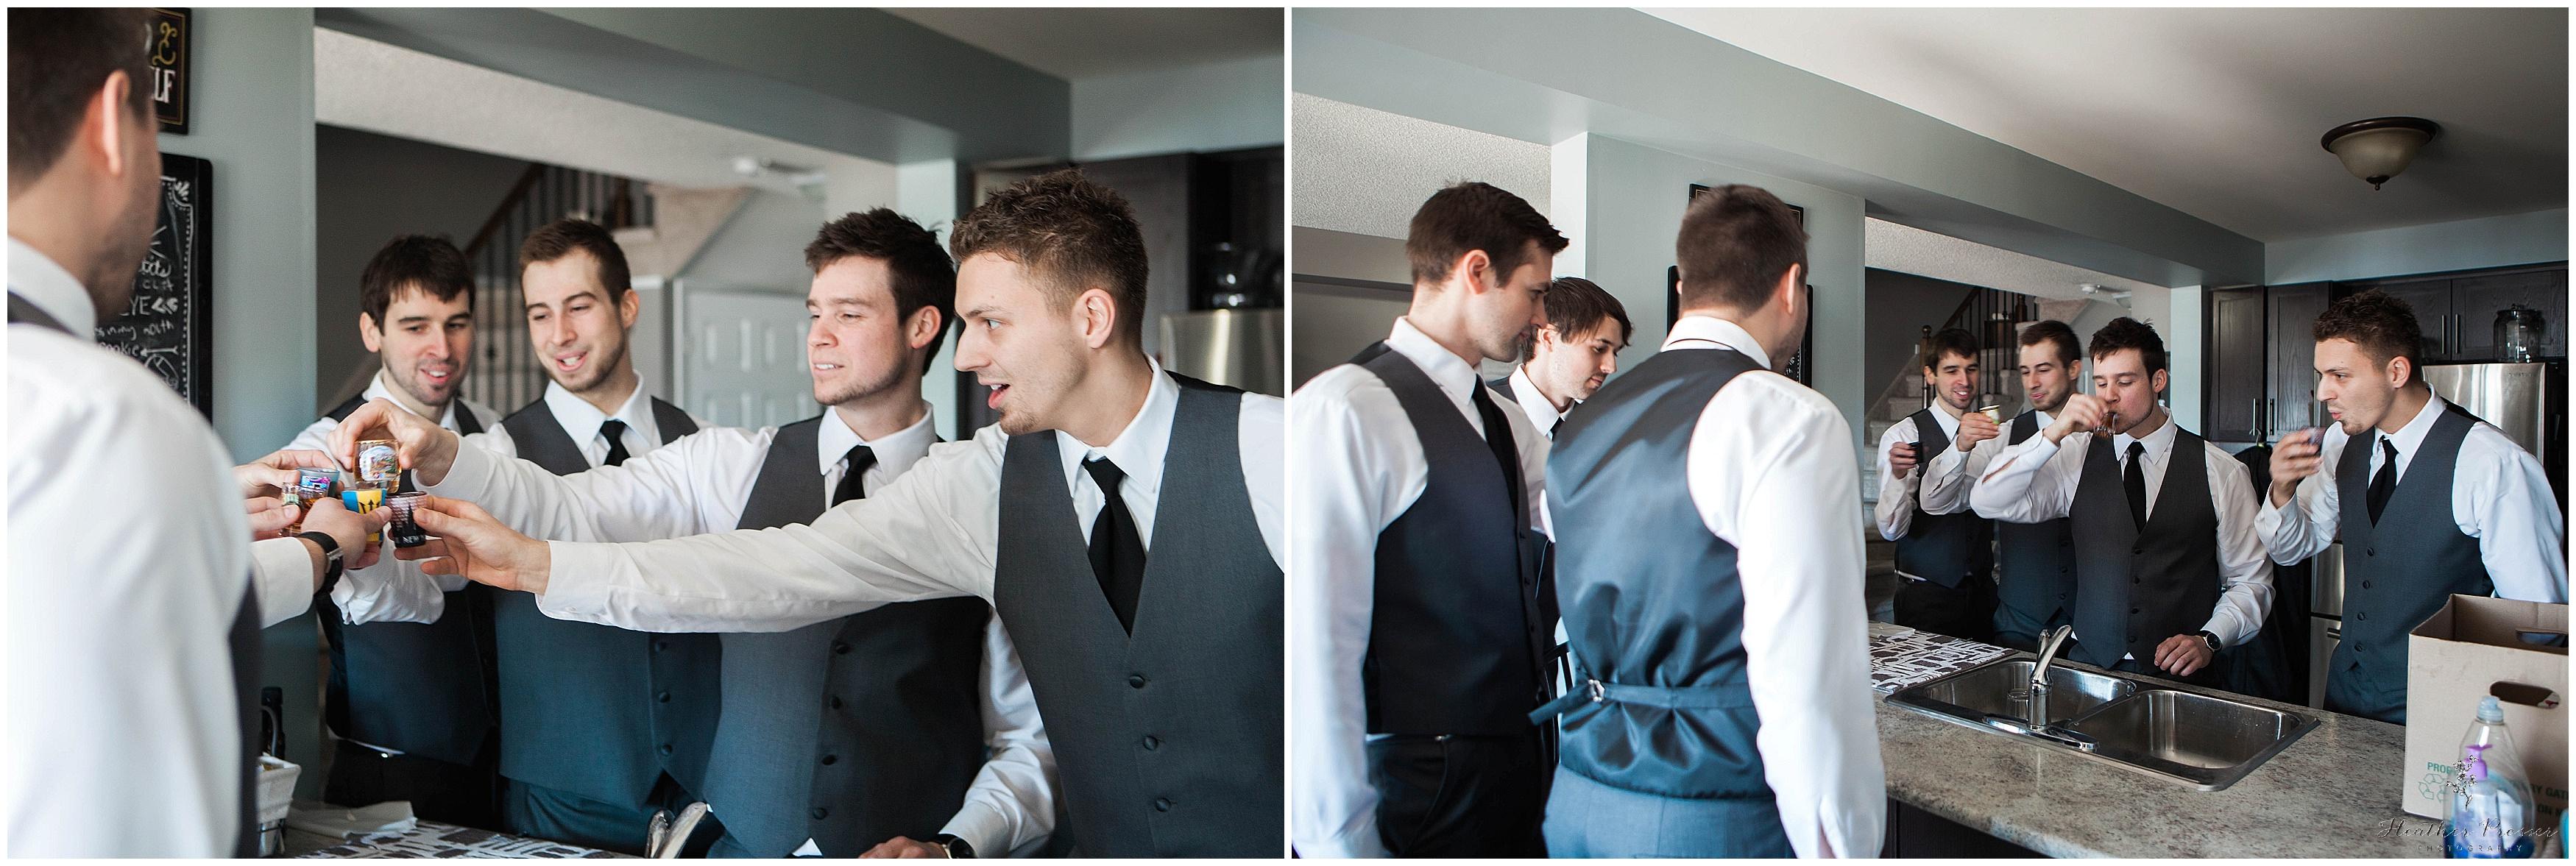 NestletonWatersInn-wedding_0090.jpg